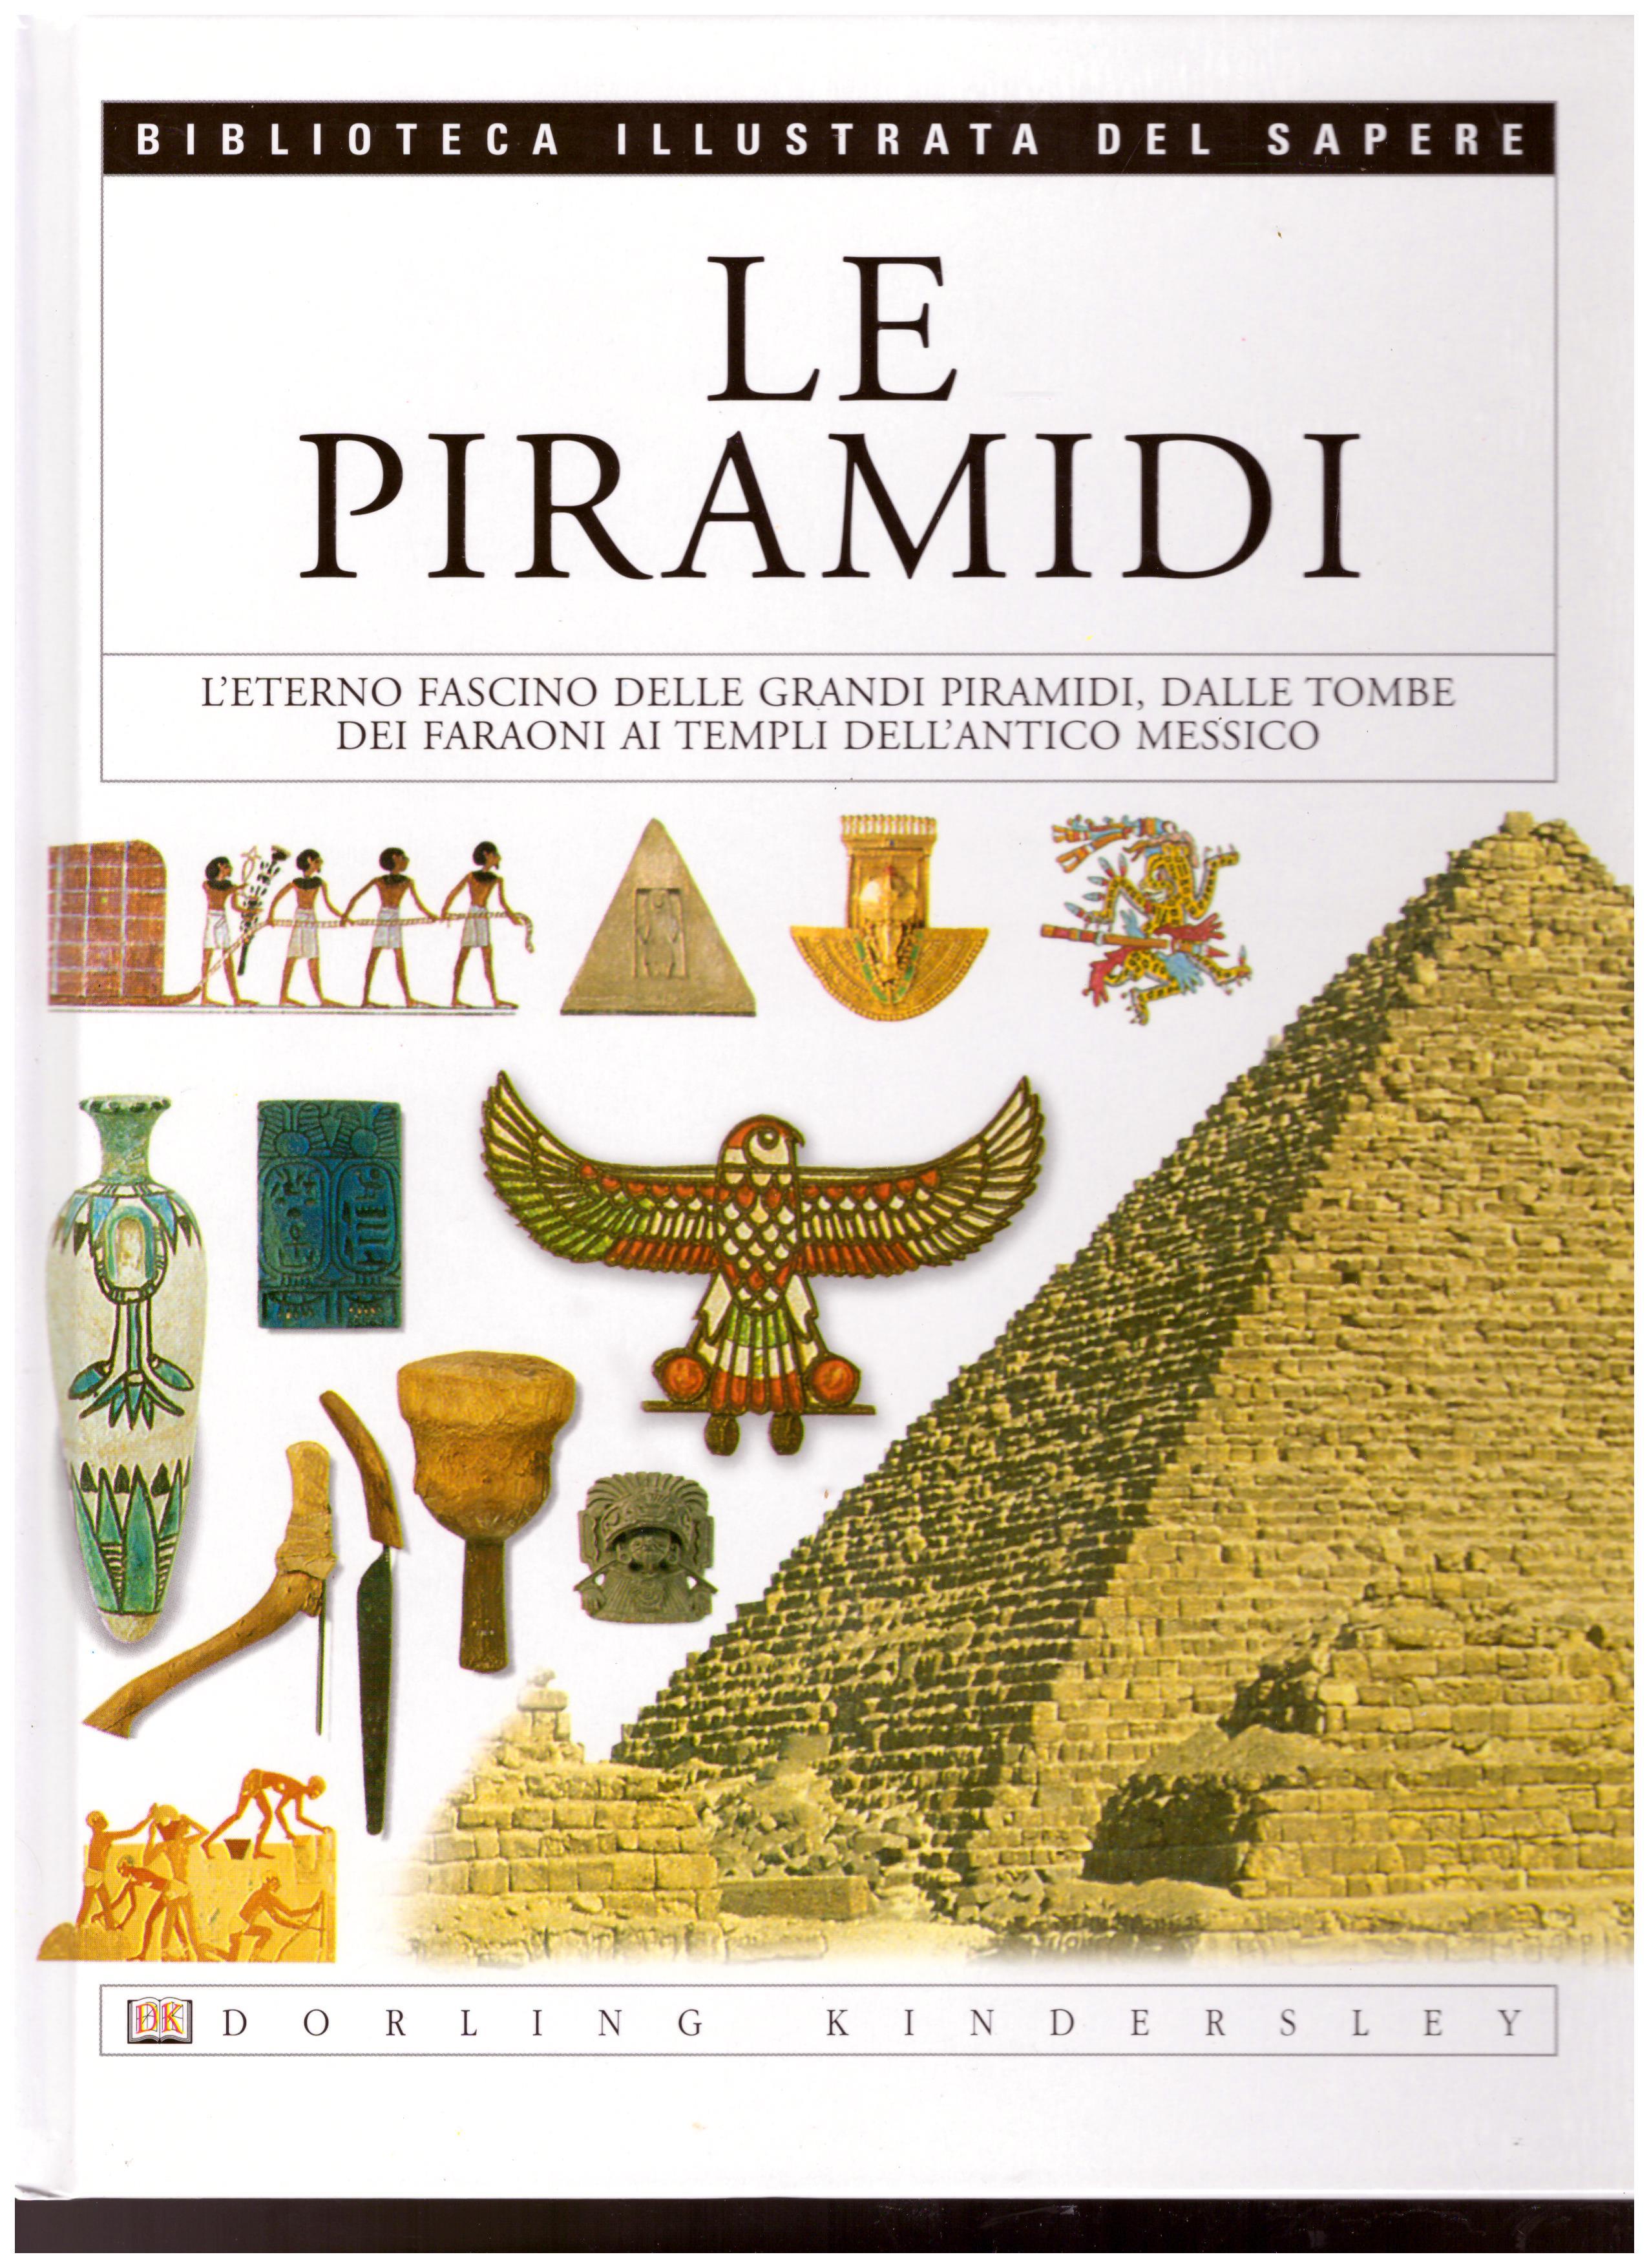 Titolo: Le piramidi N.3      Autore: AA.VV.      Editore: Dorling Kindersley, 2004